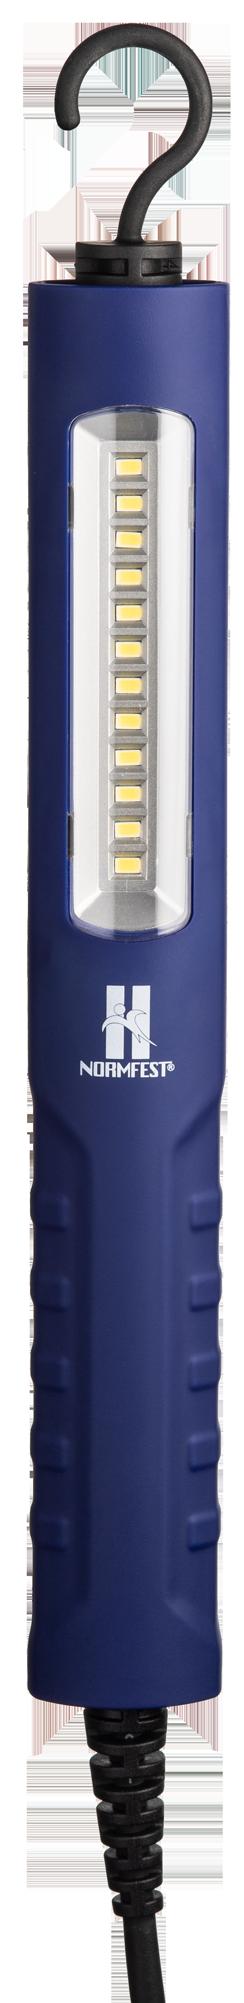 Normfest Inspektionslampe